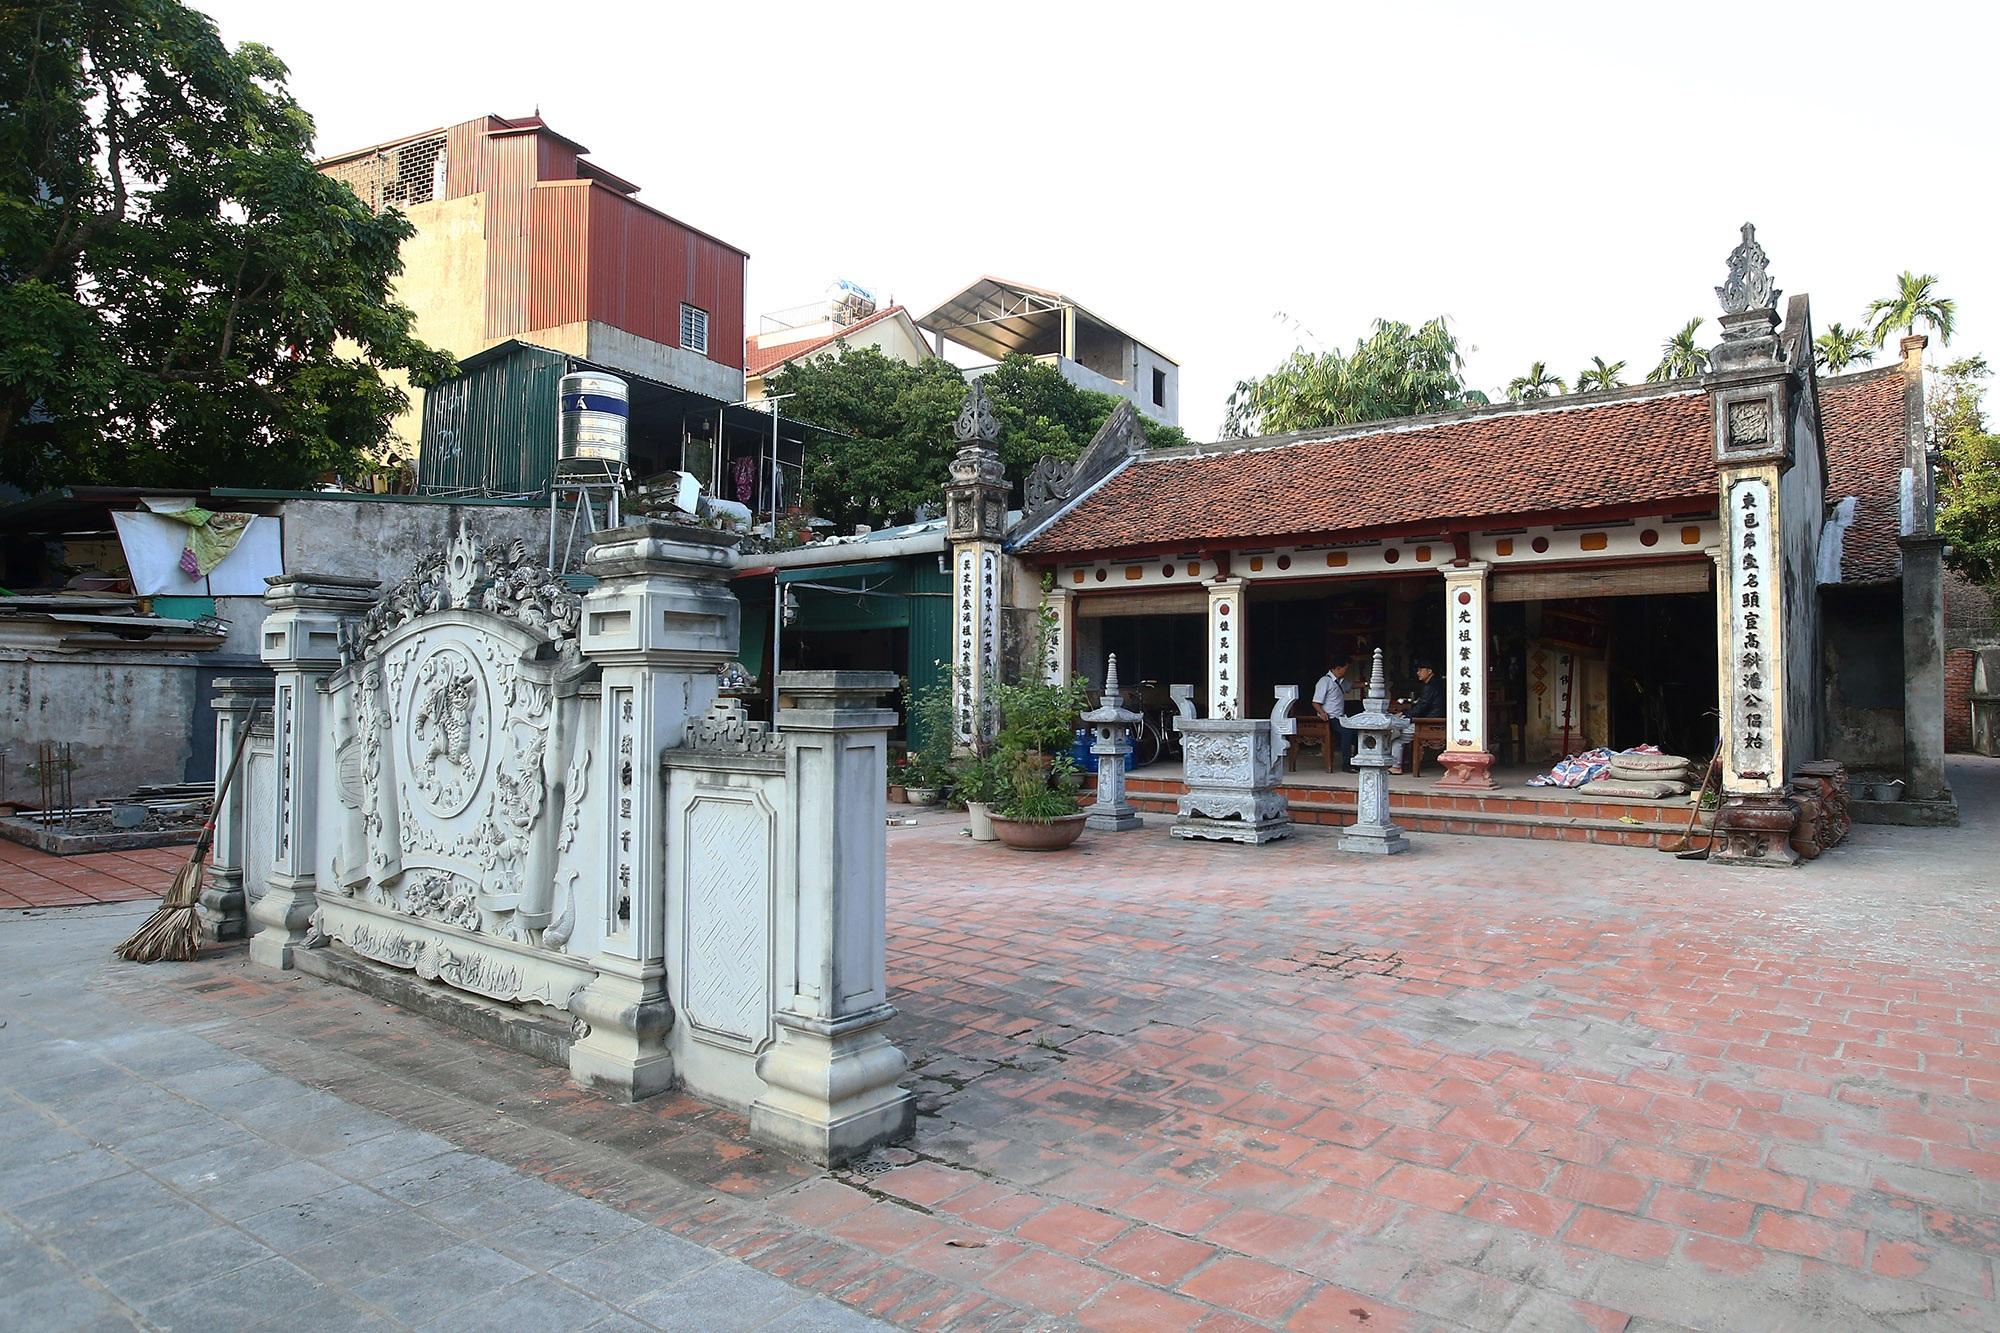 Đông Ngạc - Ngôi làng cổ tuyệt đẹp trong lòng thị thành Hà Nội - 6